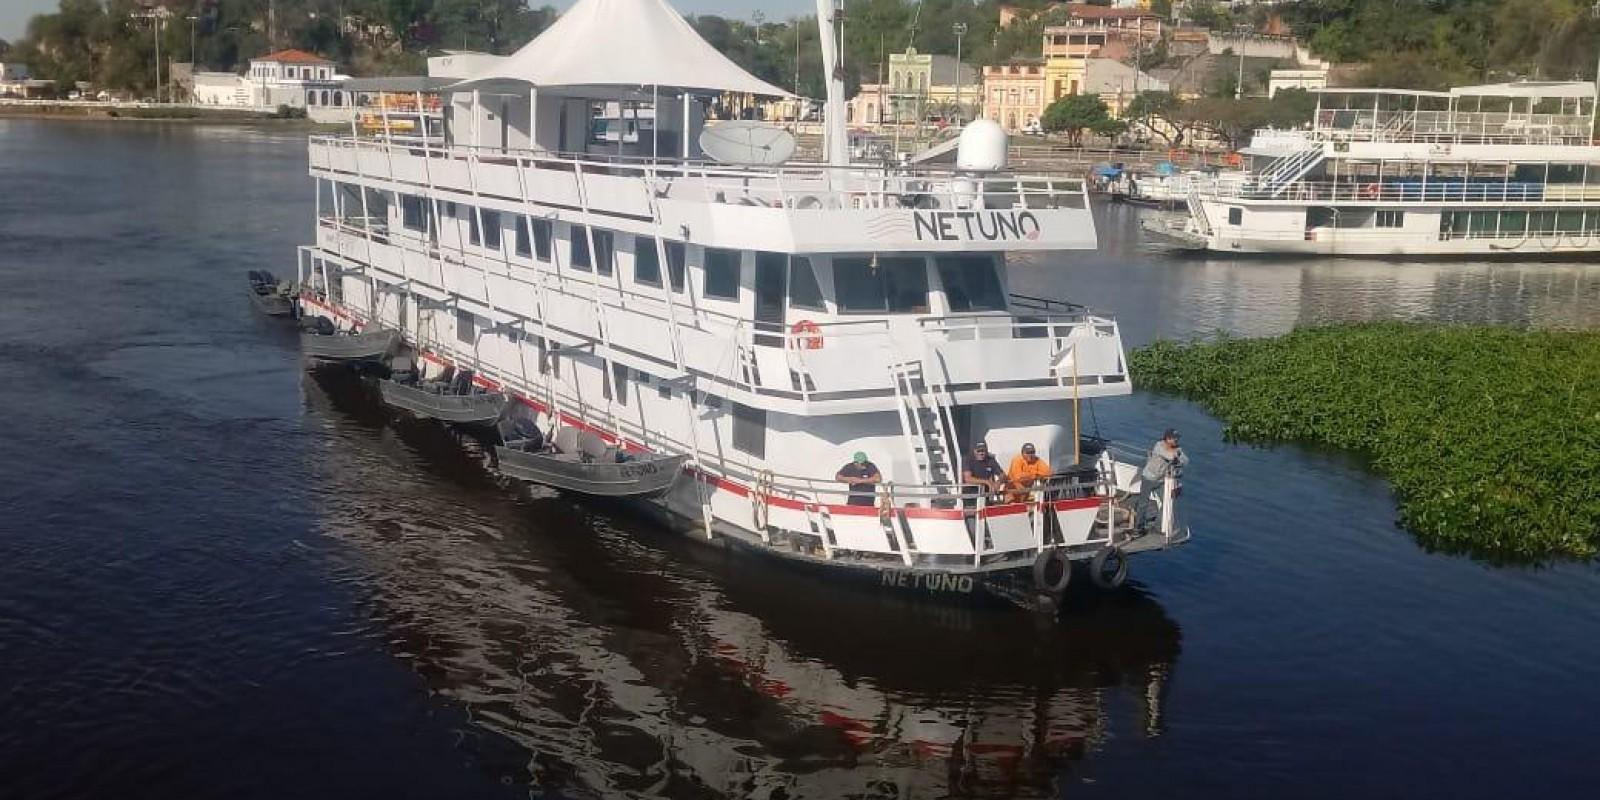 Barco Hote Netuno - Corumba - Rio Paraguai